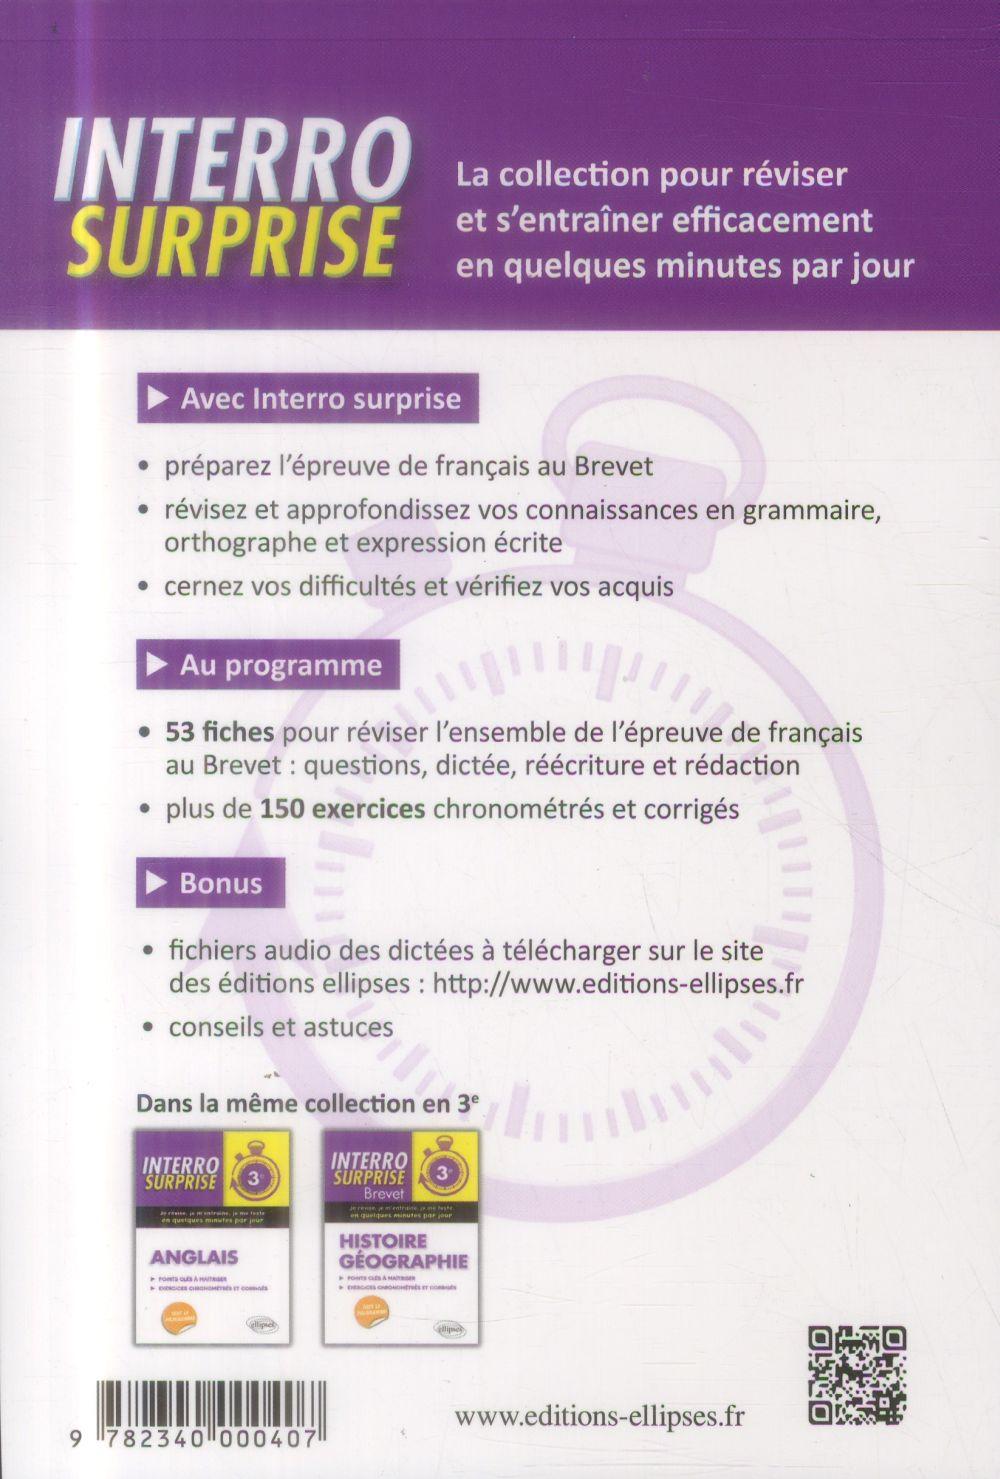 Interro Surprise Francais 3eme Points Cles A Maitriser Exercices Chronometres Et Corriges Clelia Renucci Ellipses Grand Format Comme Une Orange Paris